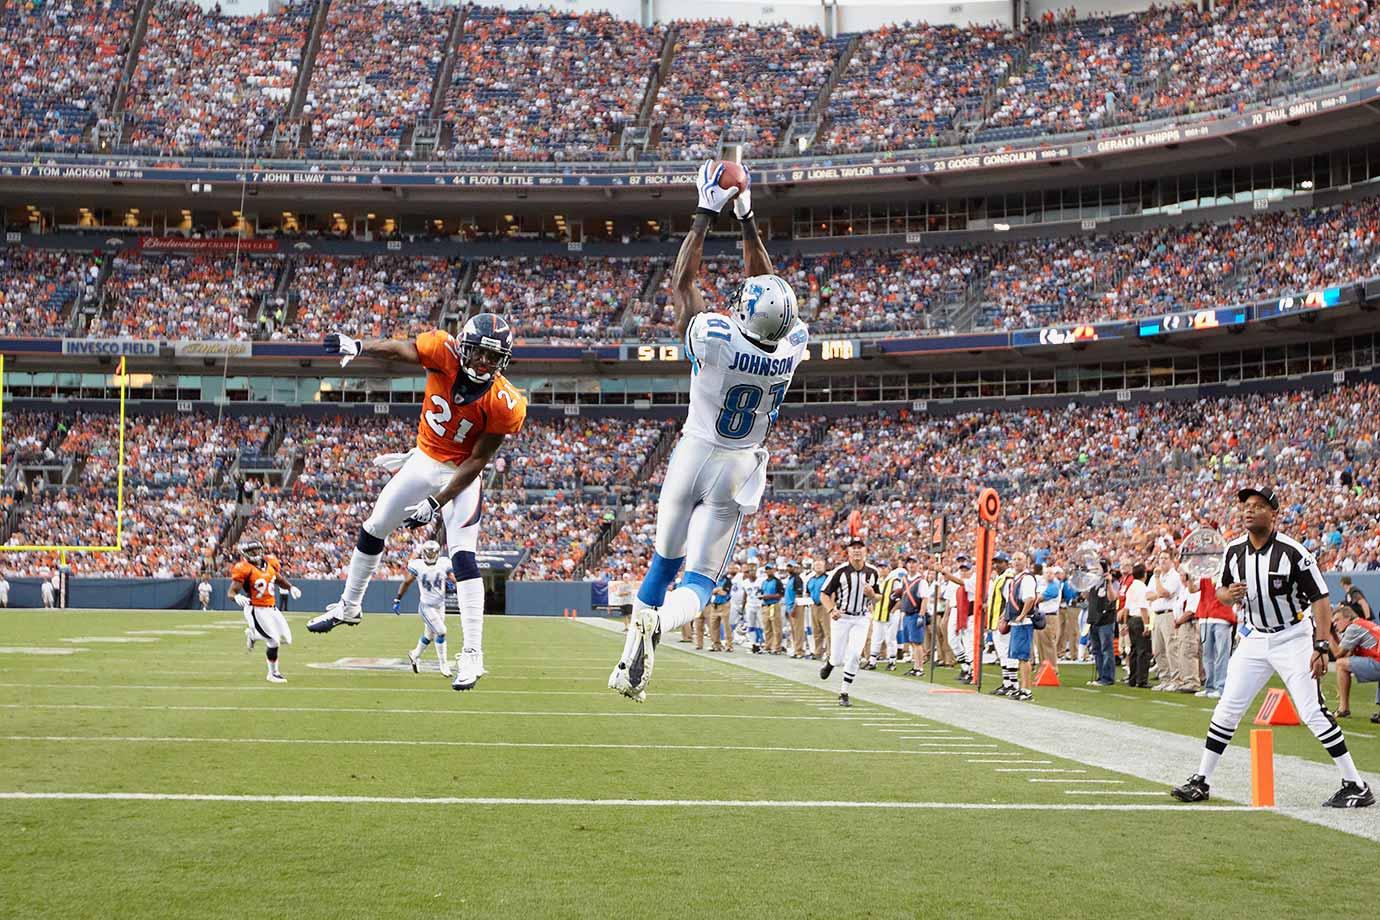 Aug. 21, 2010 — Detroit Lions vs. Denver Broncos